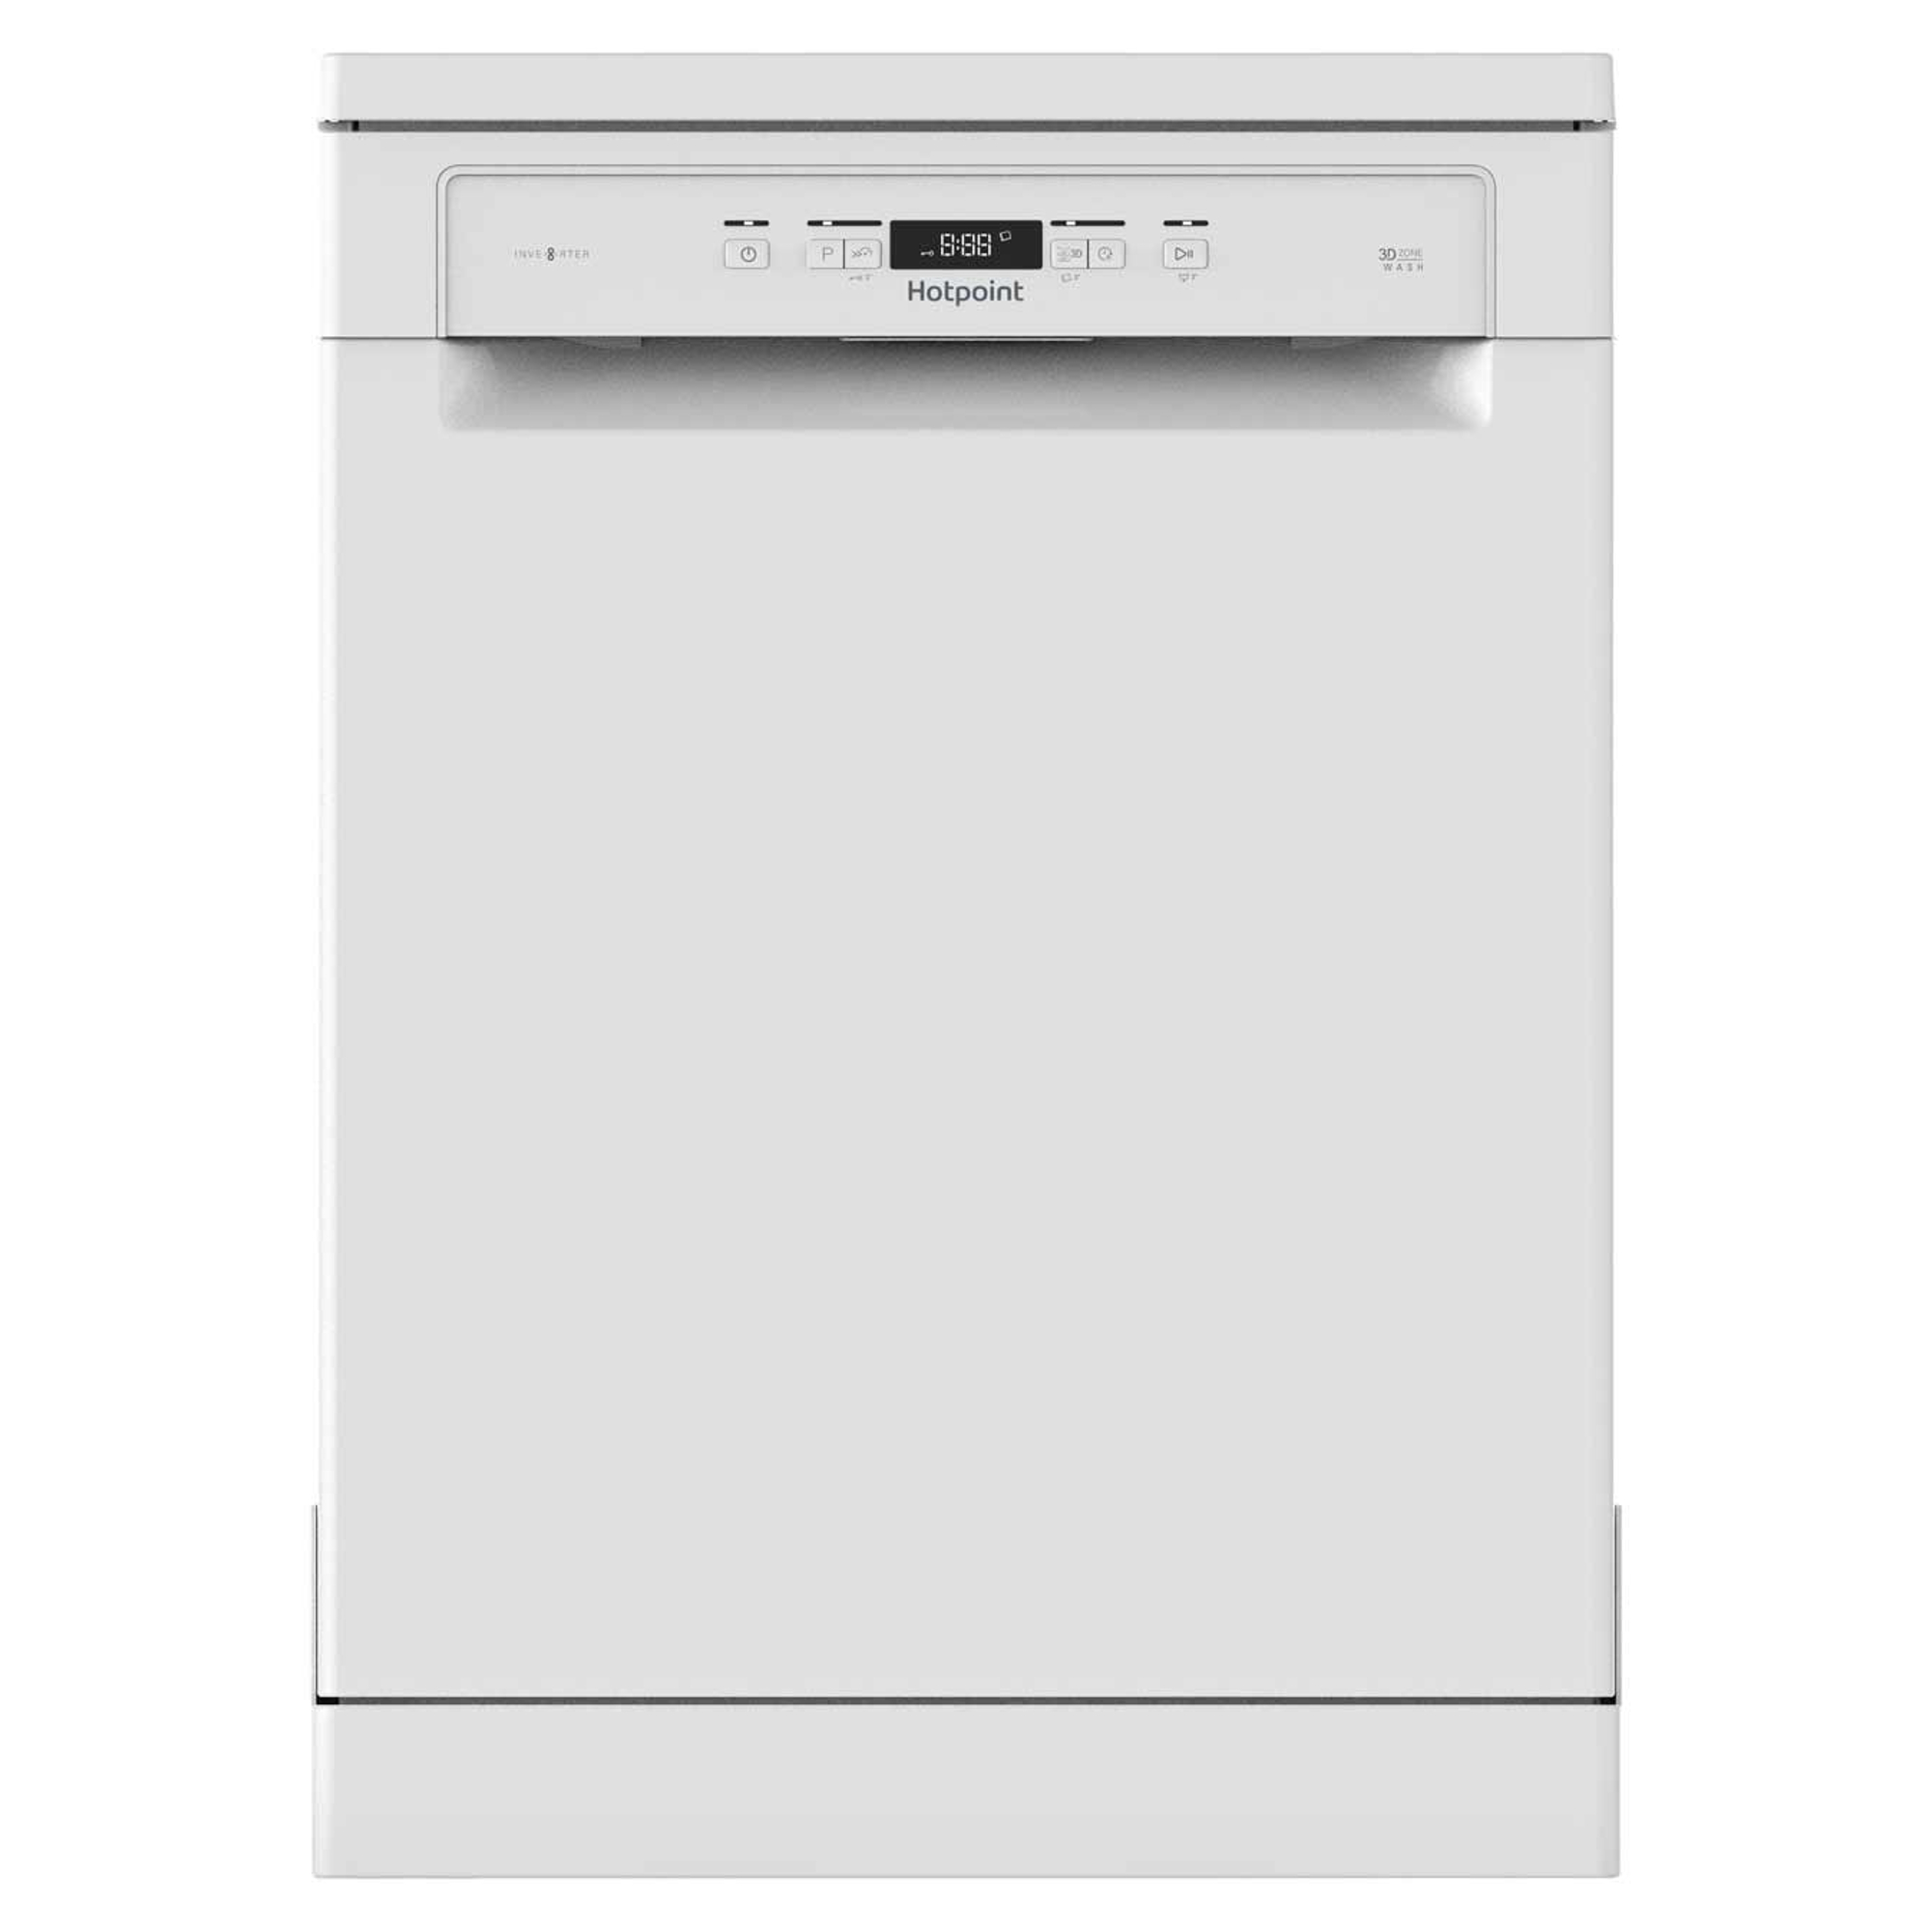 Hotpoint Hfo3c23wf 14 Place Setting Dishwasher Hughes